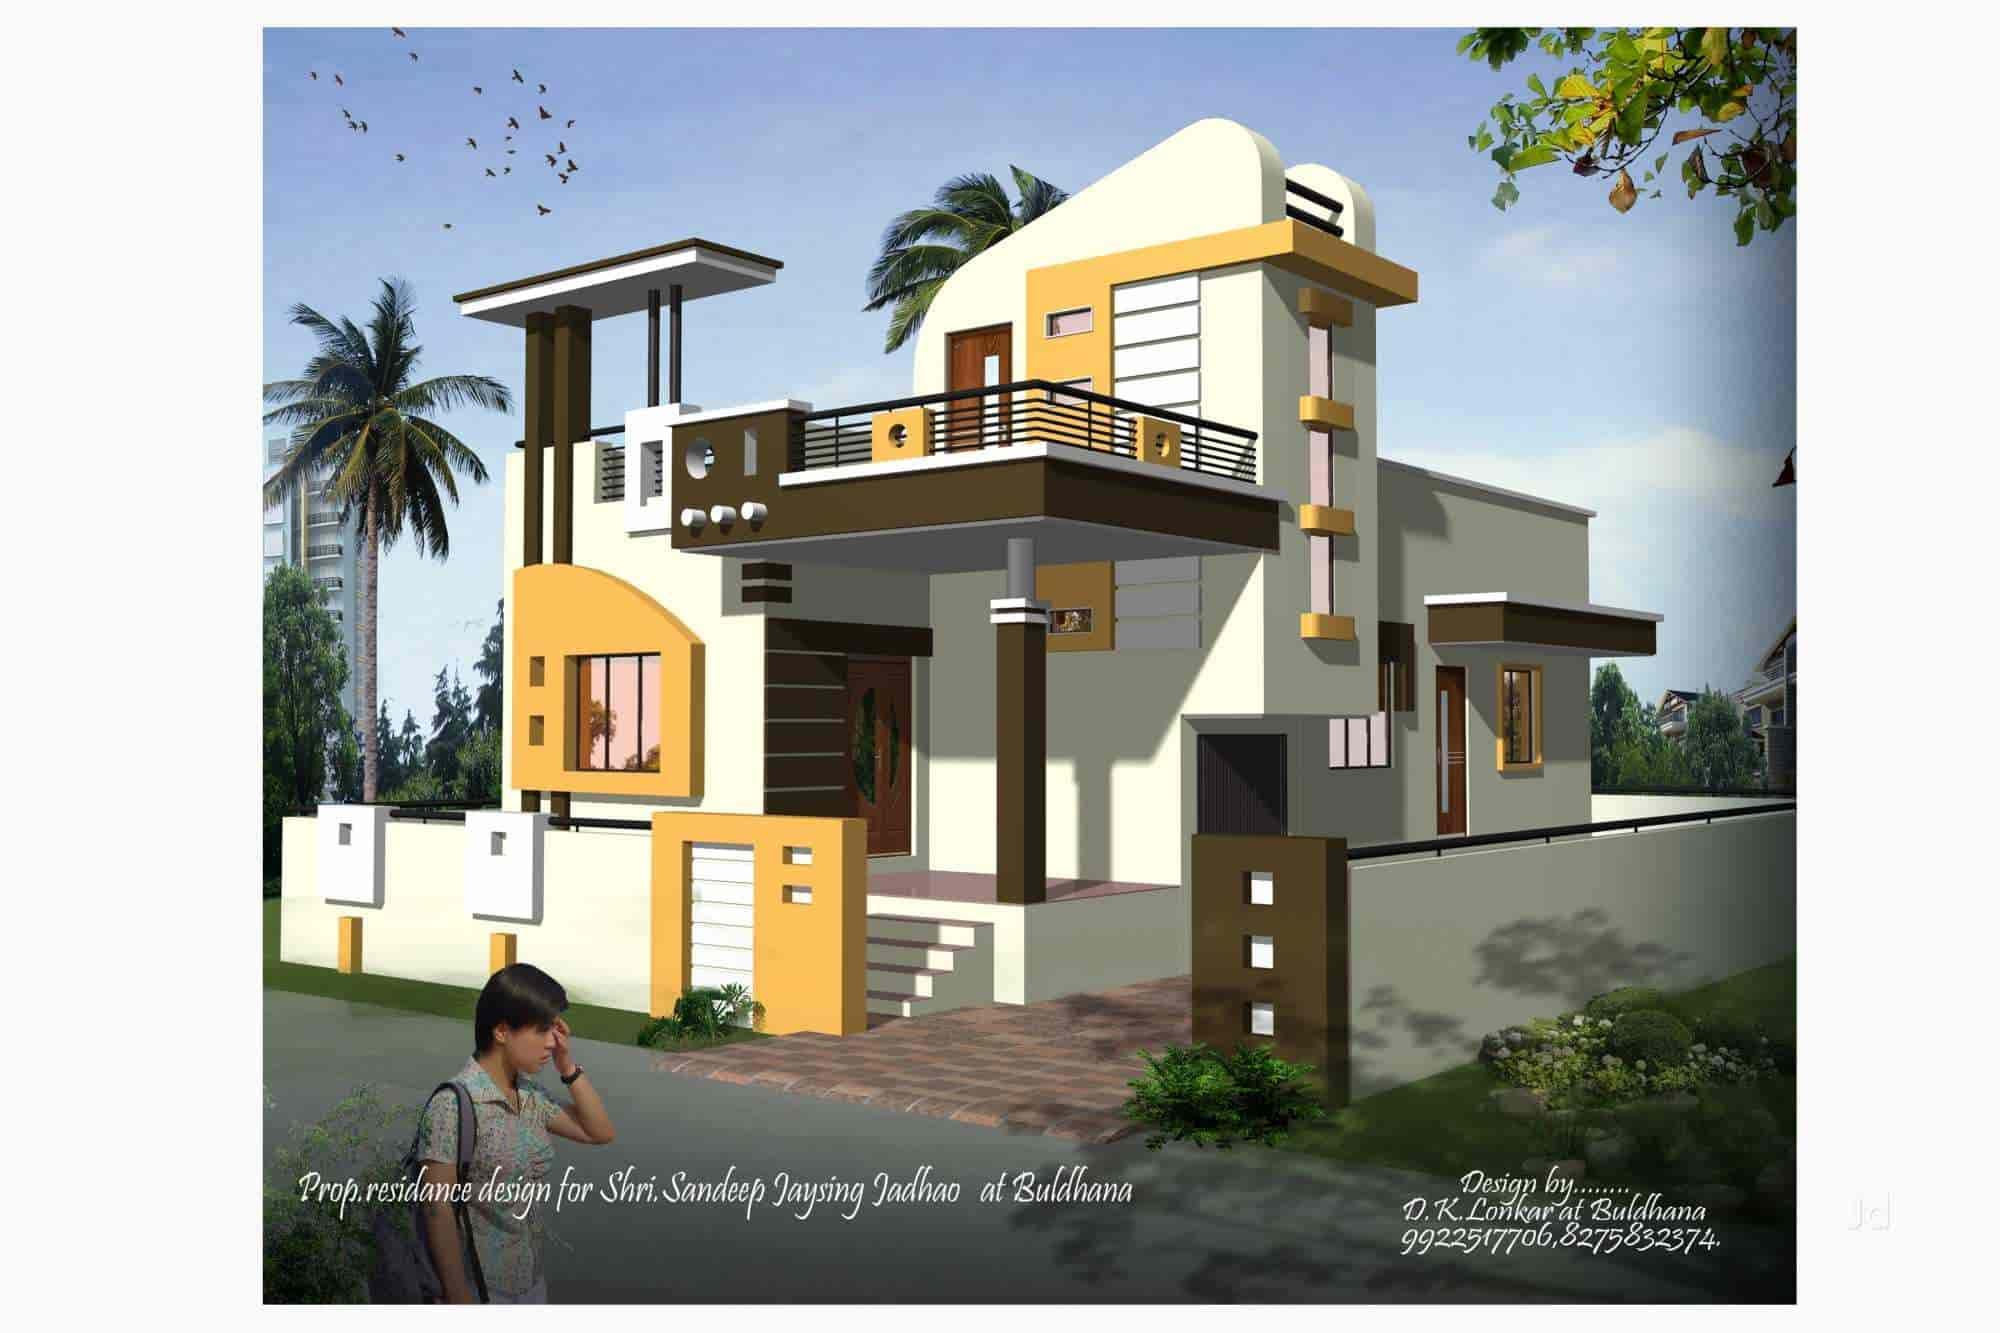 Home Design & Decor App Review | Dk 3 D Home Design Photos Buldana H O Buldhana Pictures Images